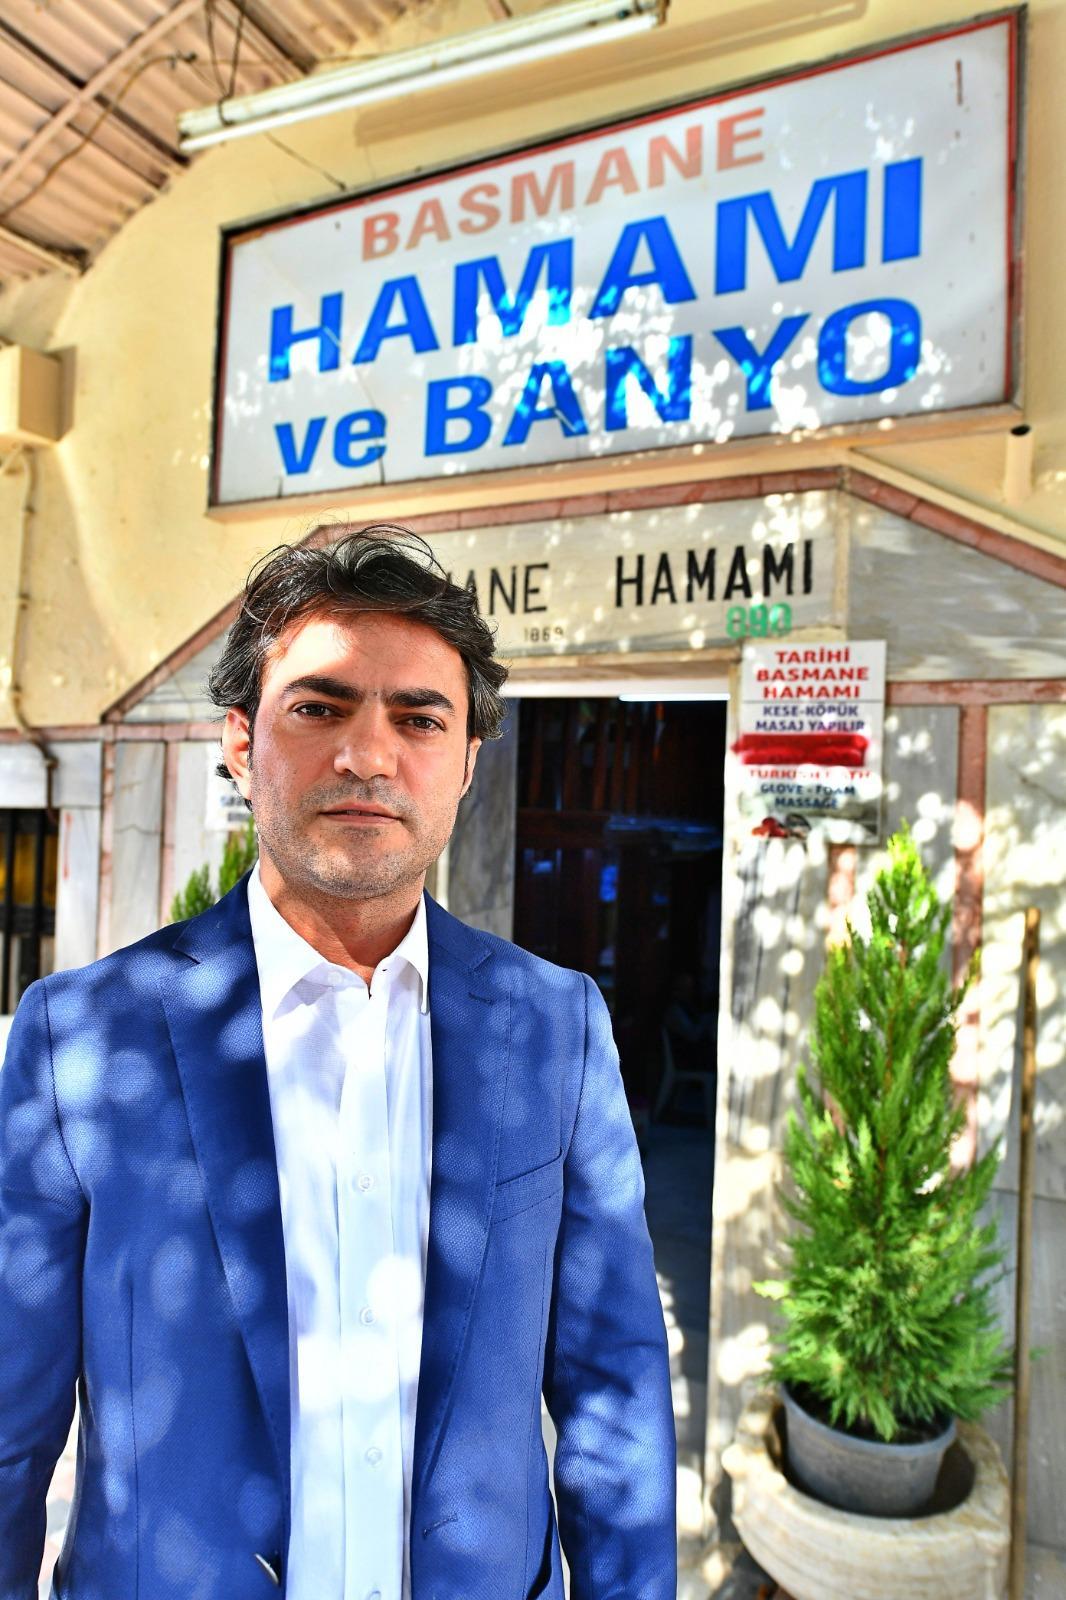 BASMANE HAMAMI-YENİGUN GAZETESİ-